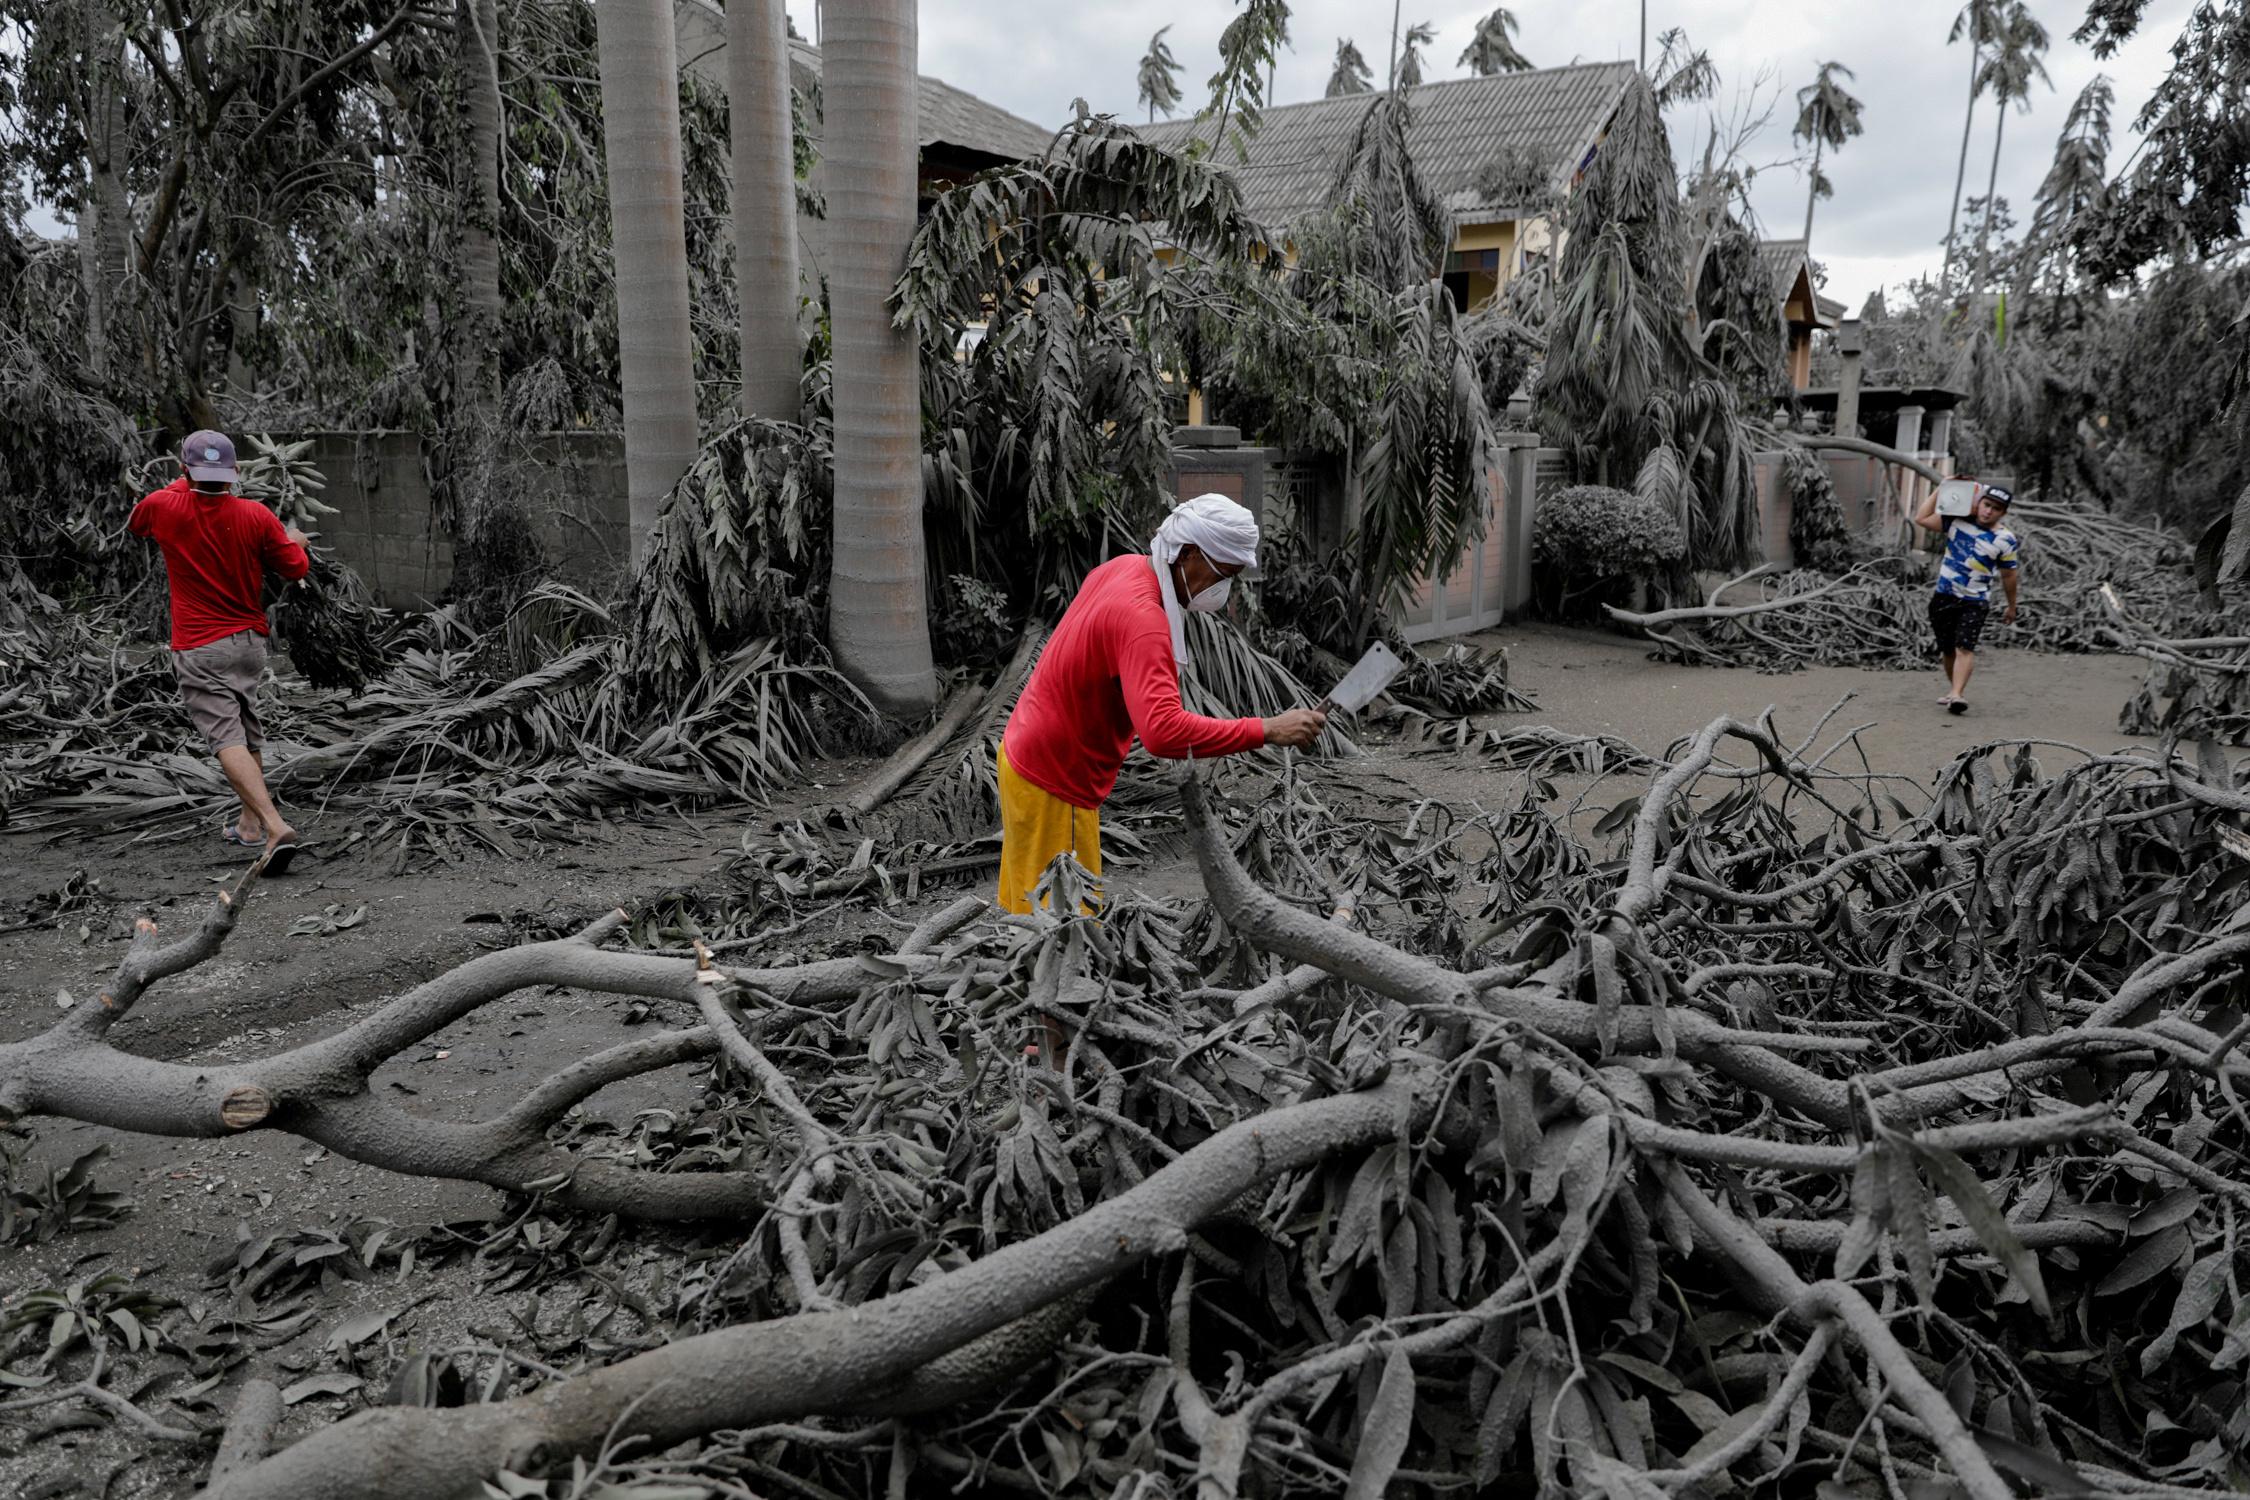 Un trabajador corta ramas caídas en un complejo cubierto de cenizas volcánicas en Talisay, Batangas, Filipinas, 14 de enero de 2020. REUTERS / Eloisa Lopez